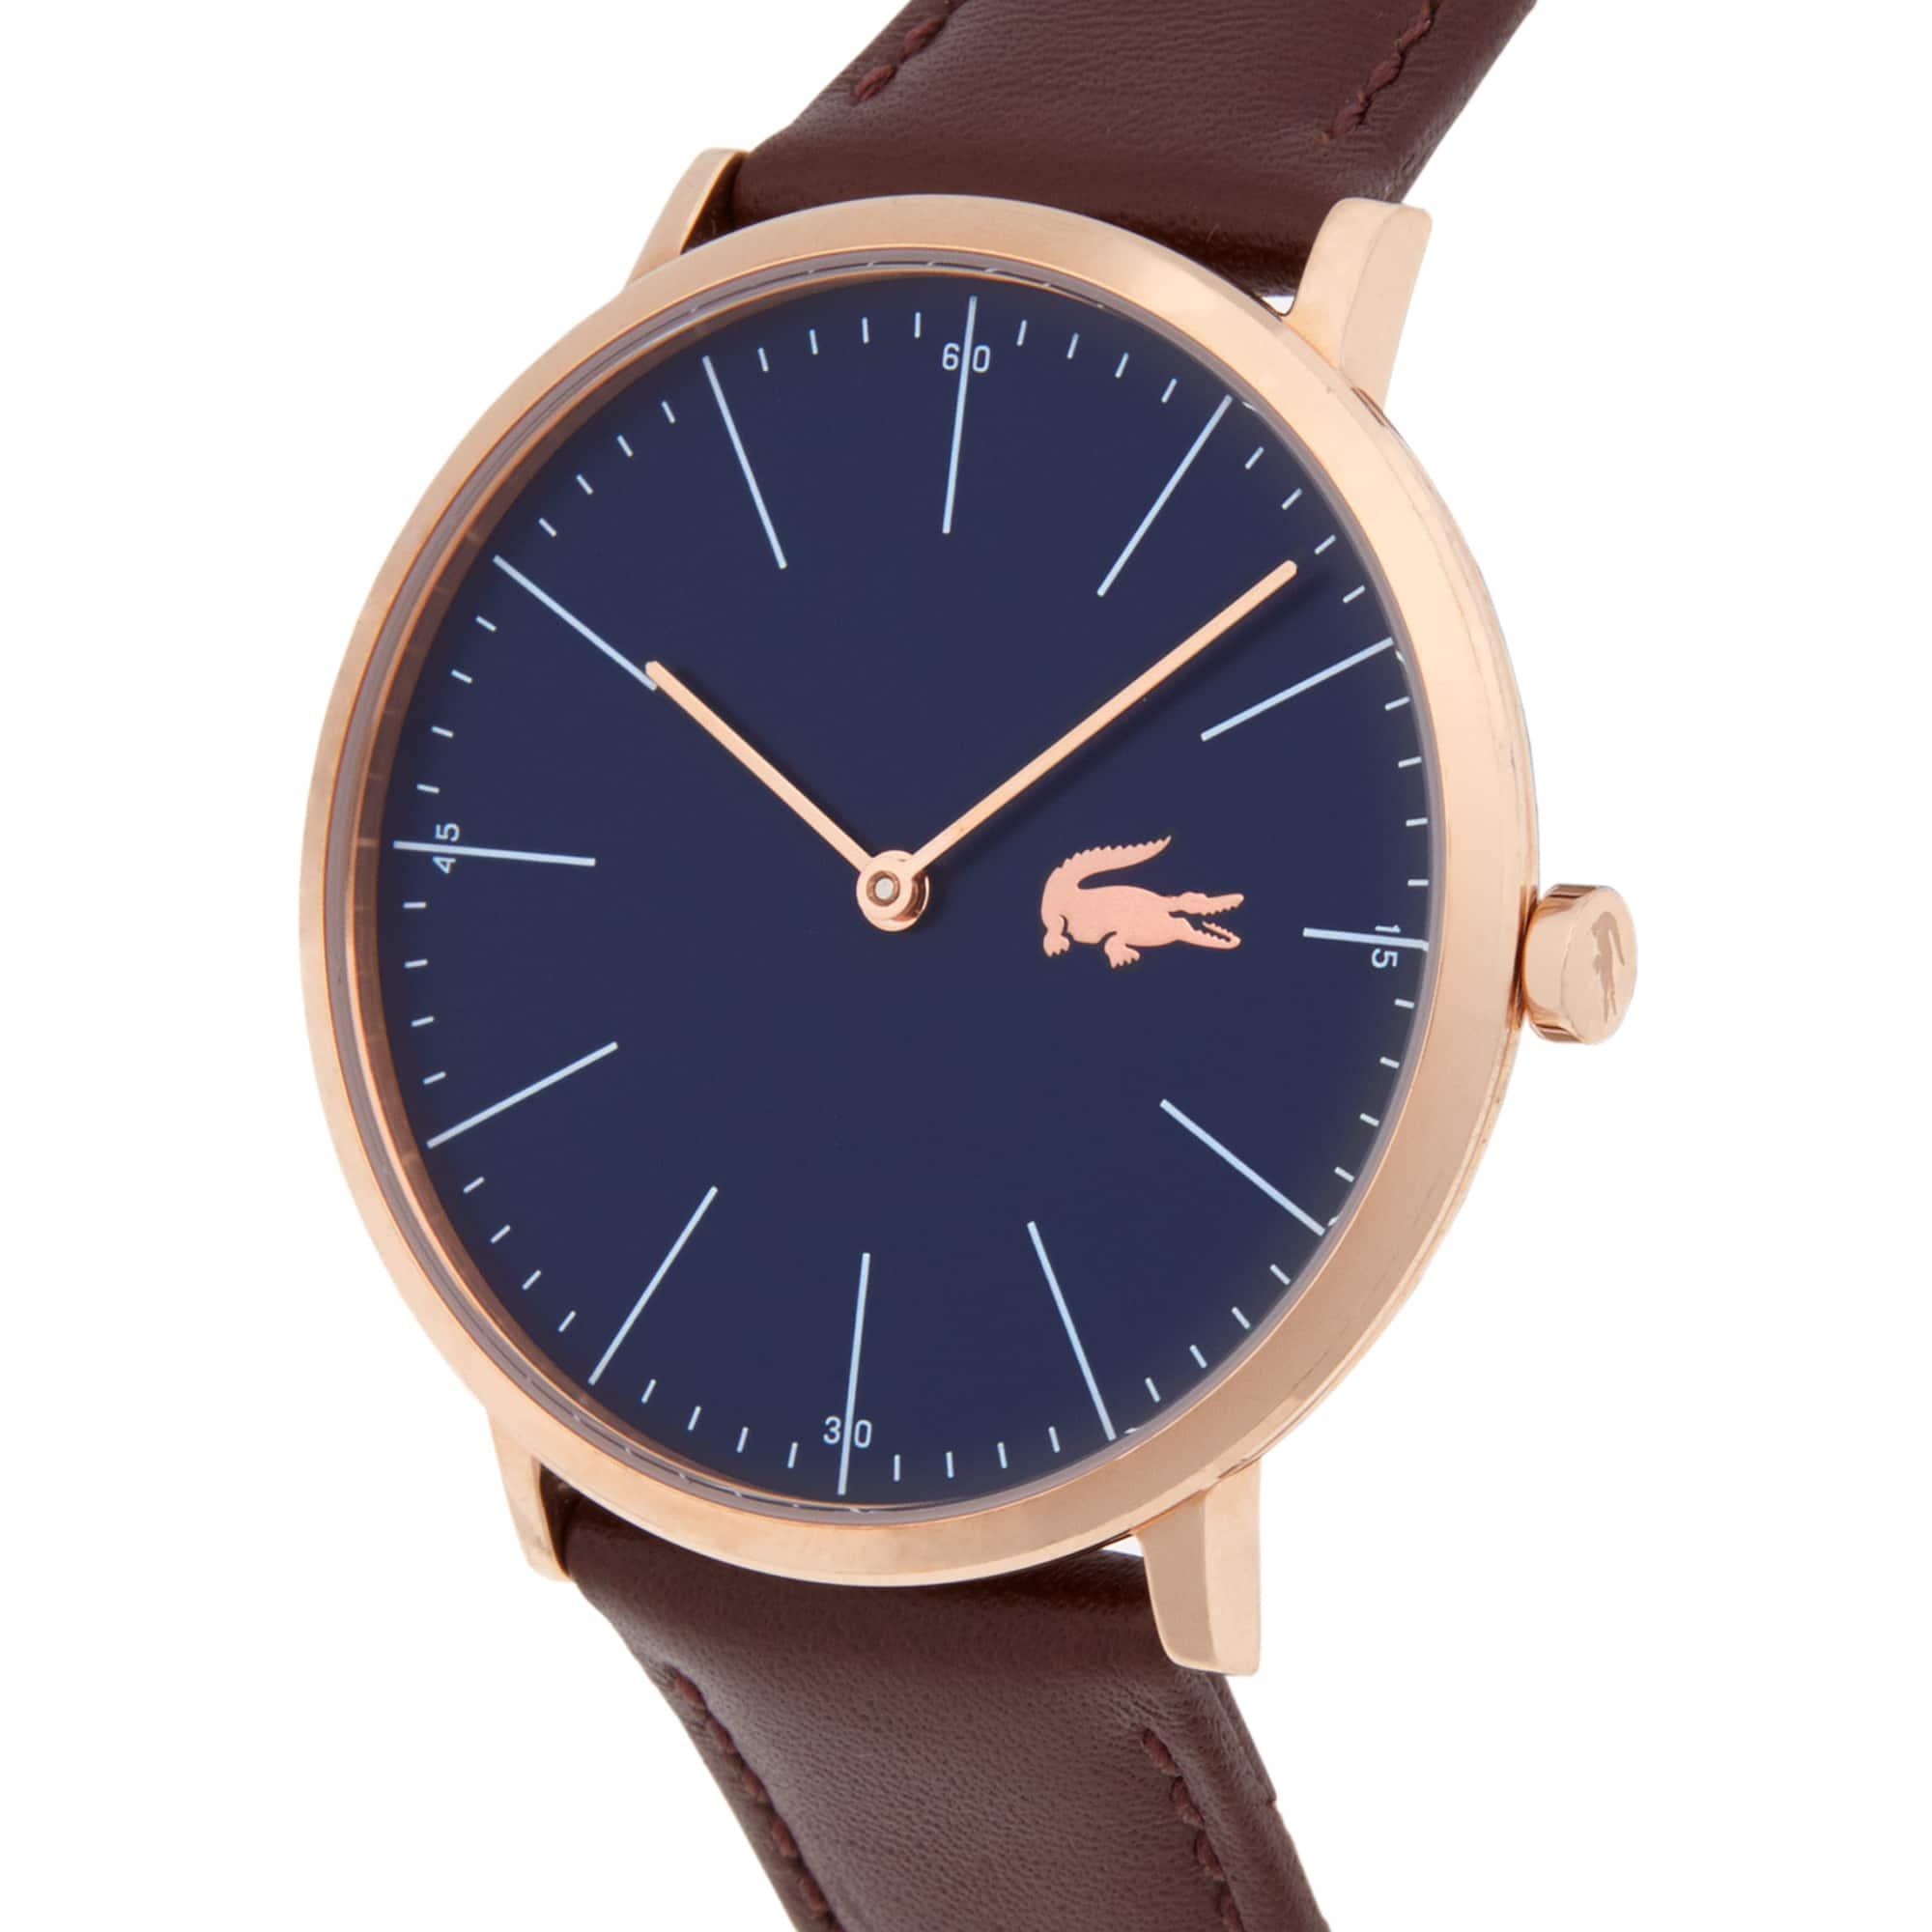 Uhr mit schmalem blauem Zifferblatt und braunem Lederarmband Moon